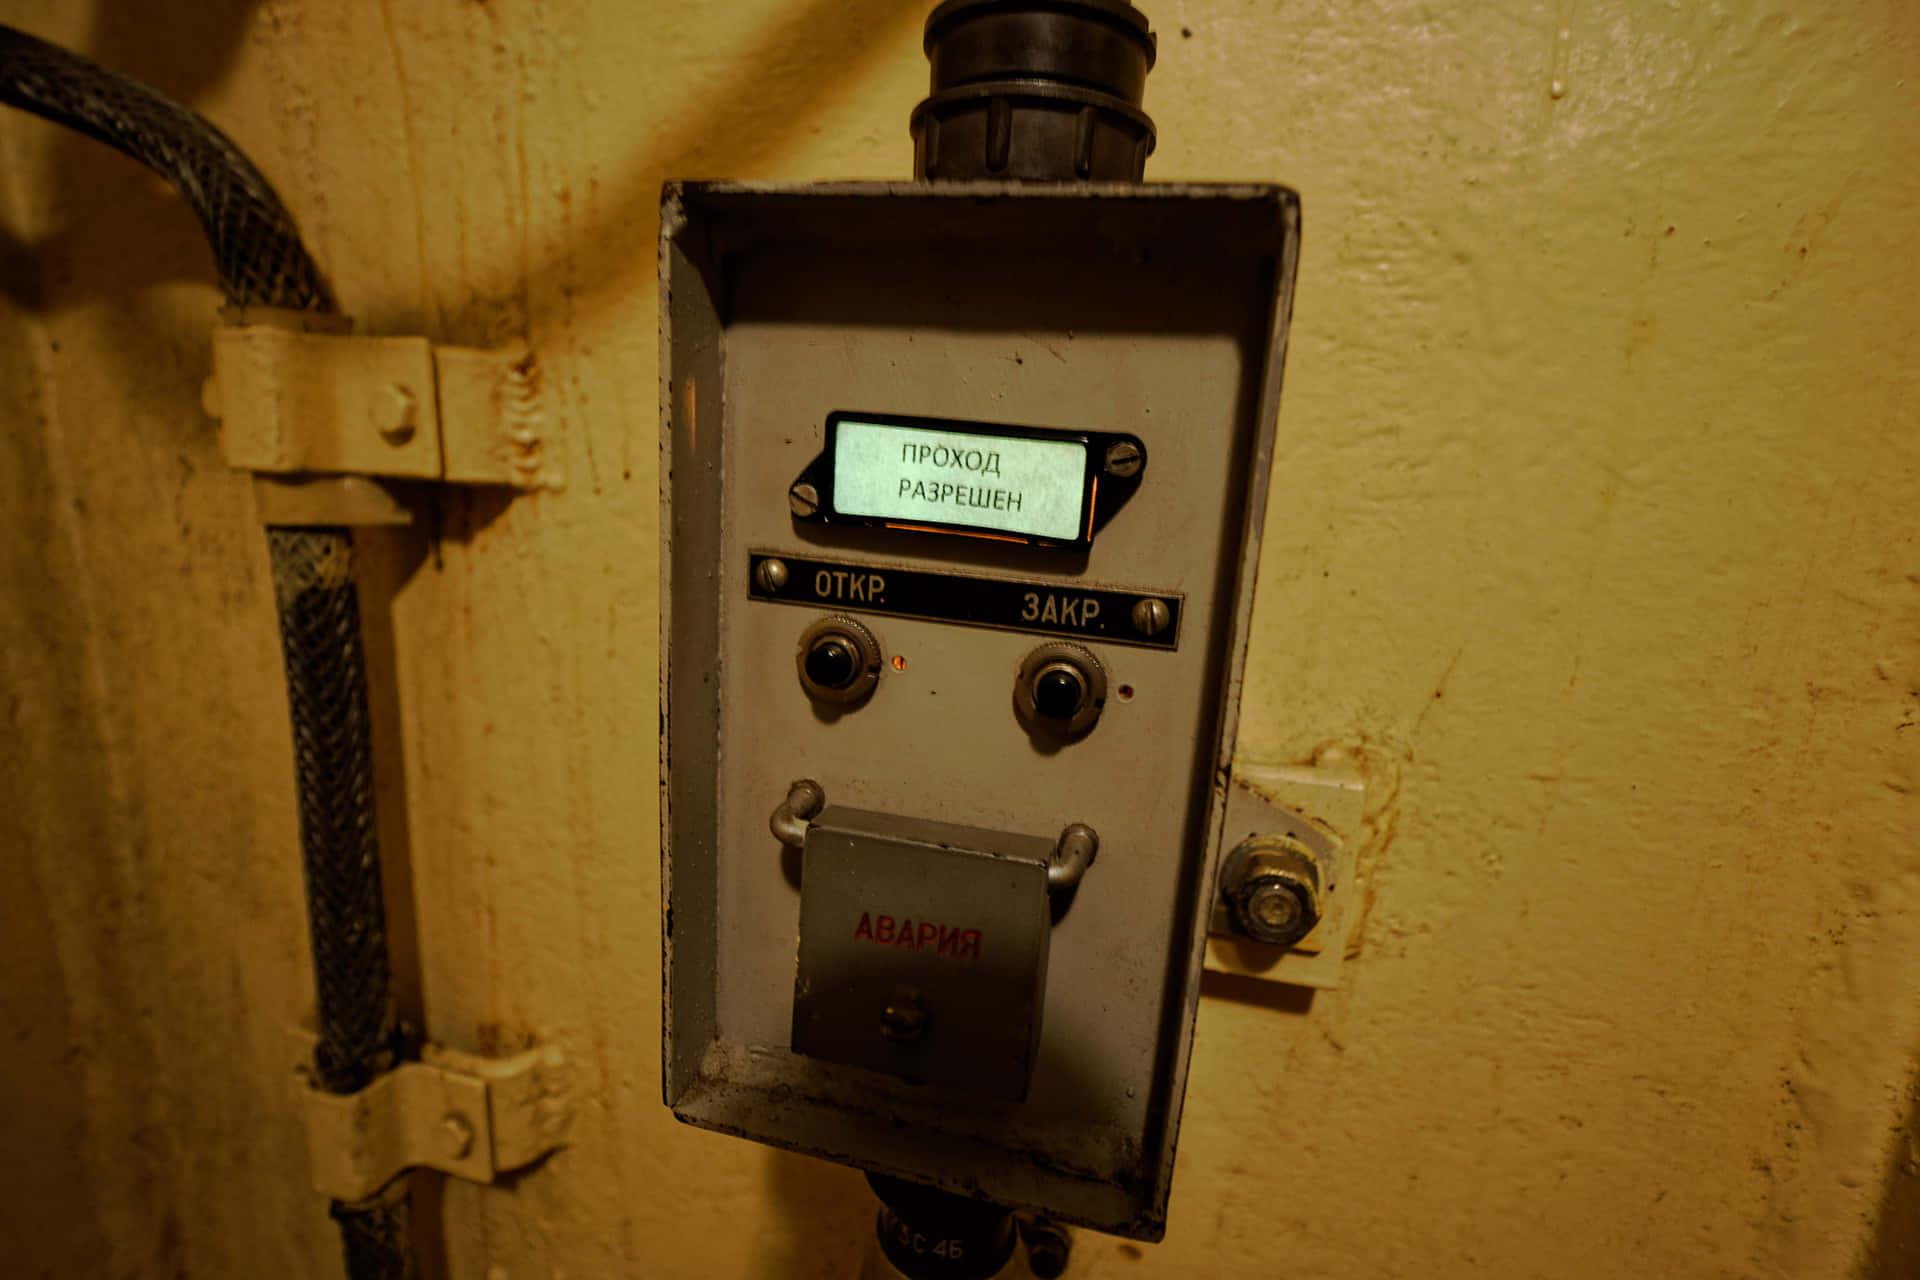 Многоступенчатая система допуска с шифрами и паролями исключала попадание в подземелье случайных людей